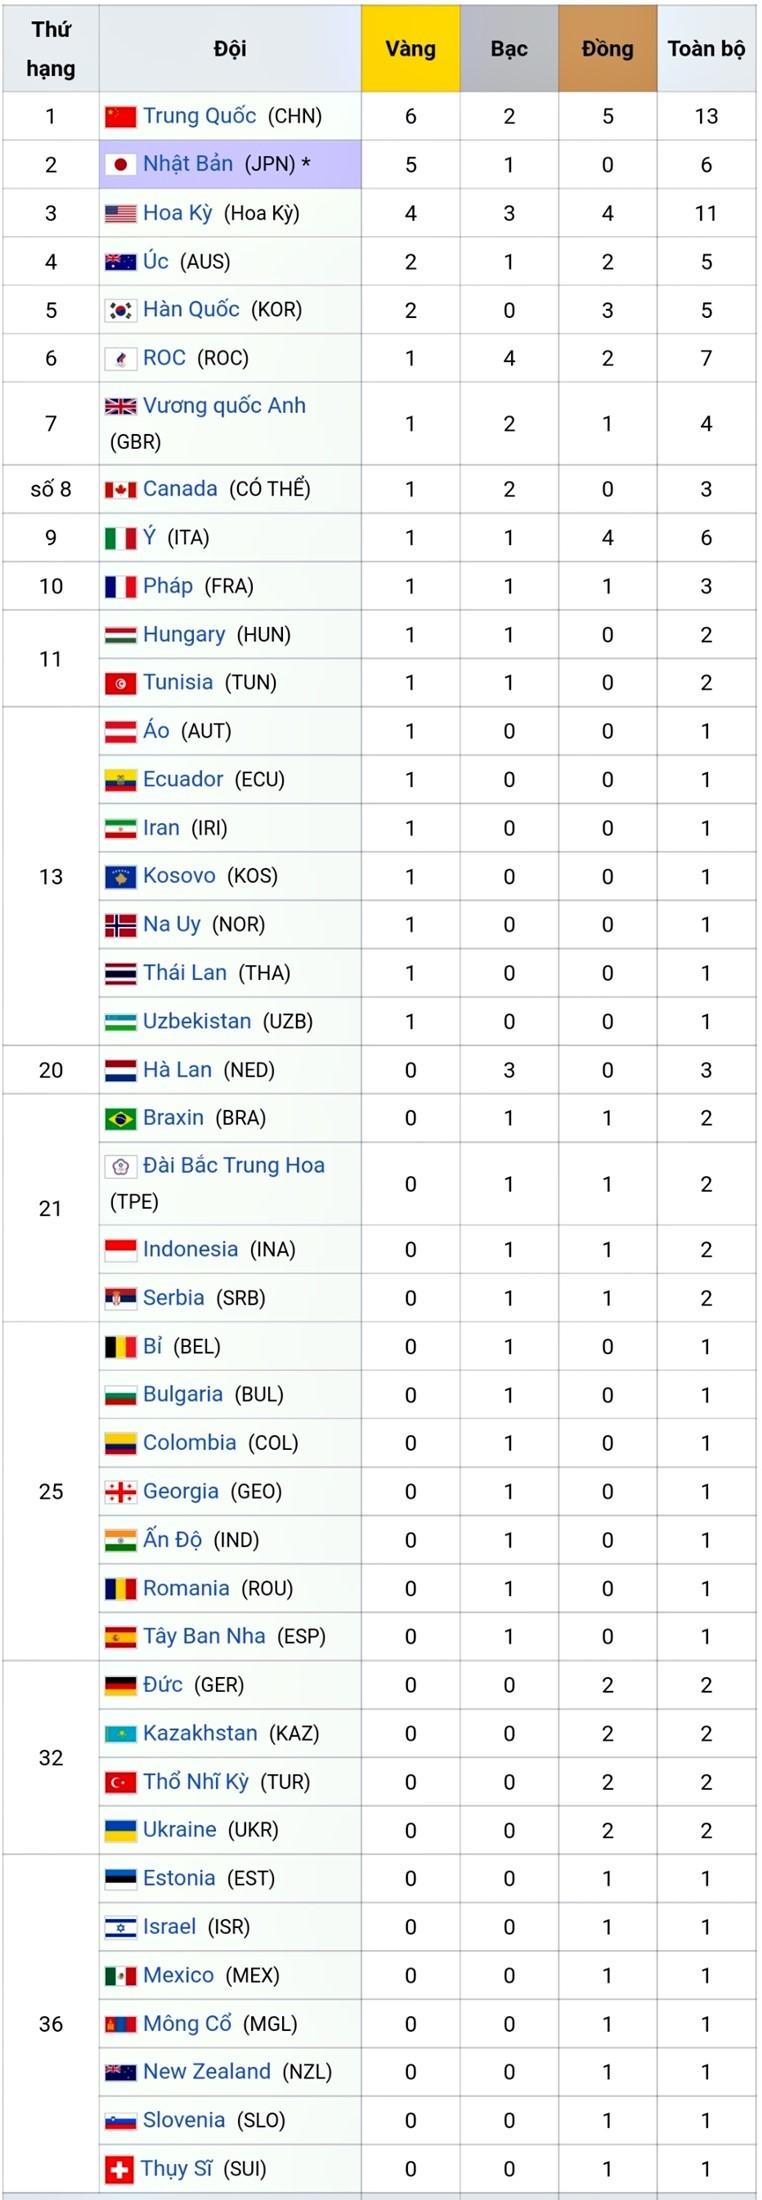 Bảng tổng sắp huy chương Olympic hôm nay 26/7: Anh, Canada có HCV đầu tiên